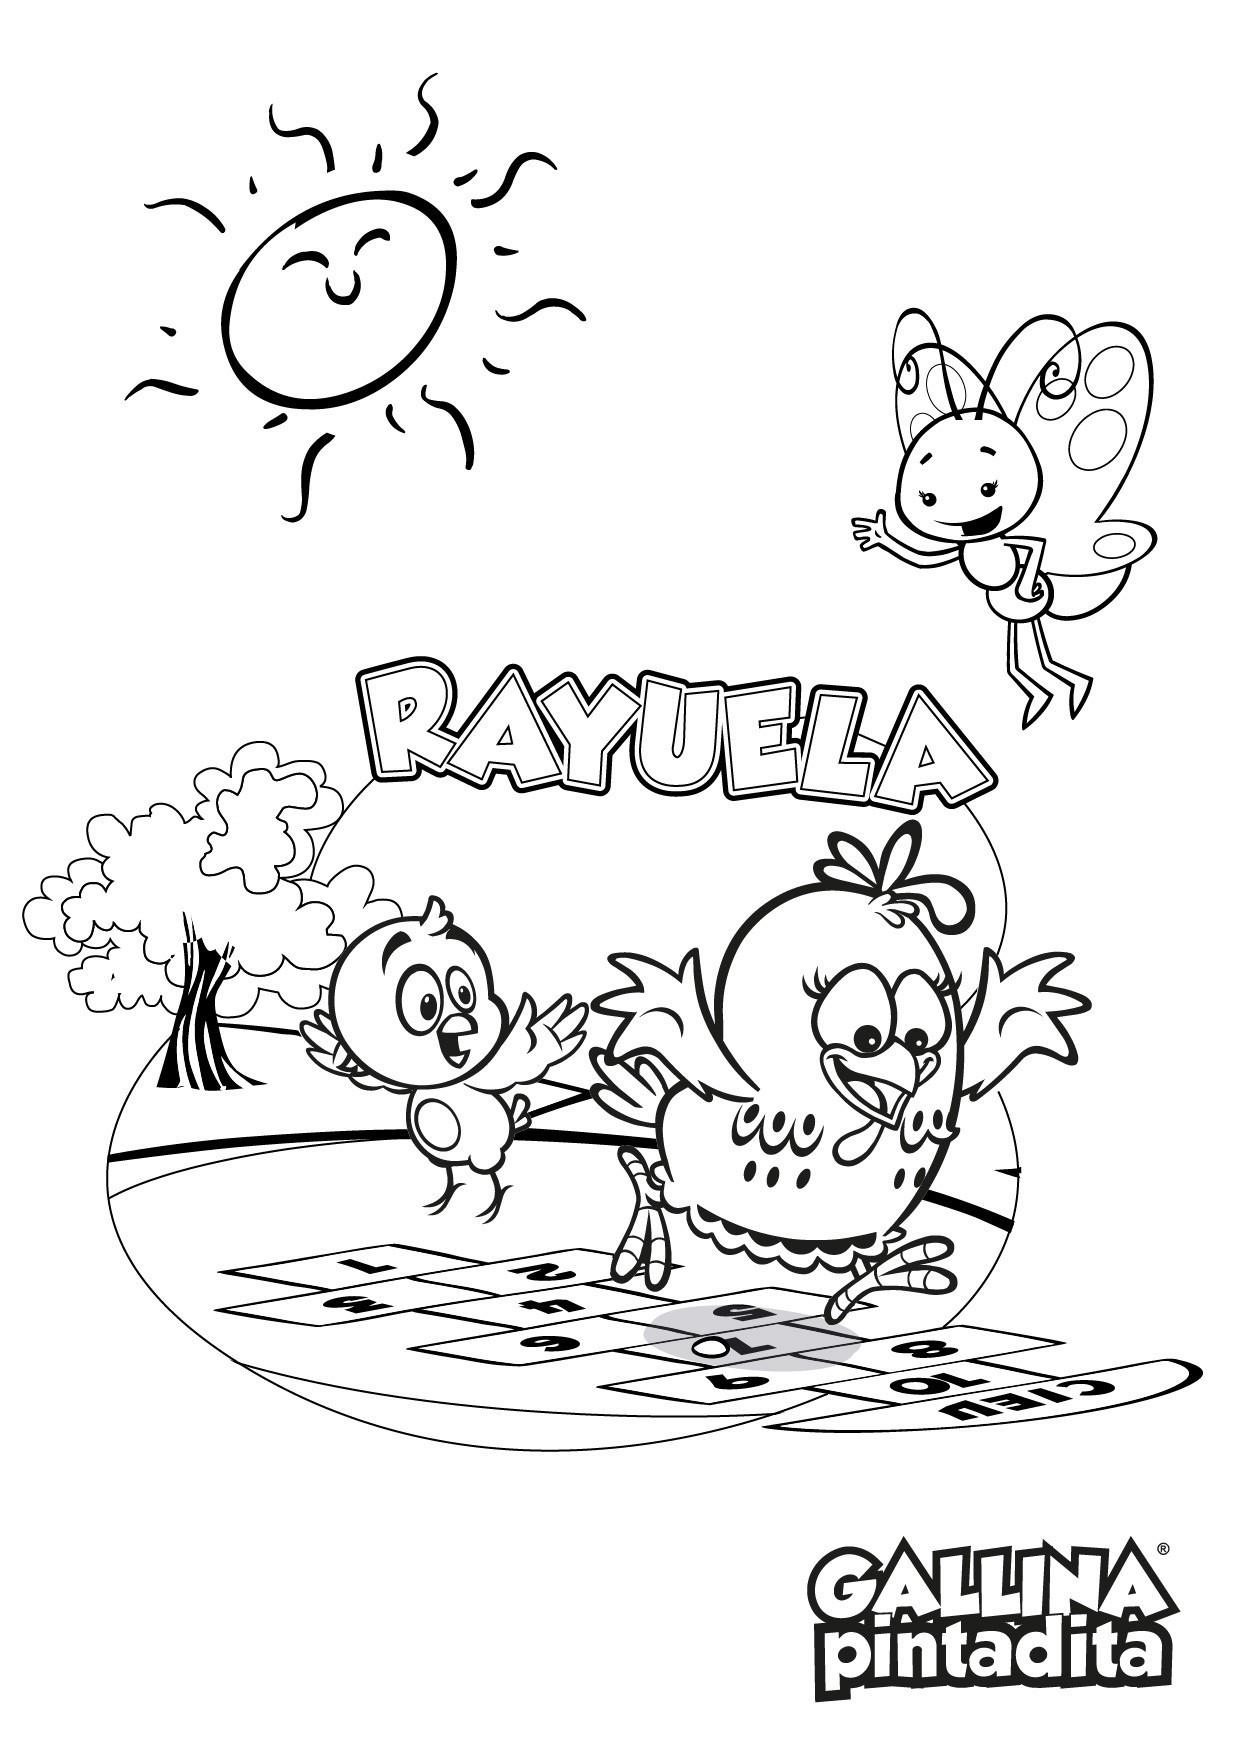 Dibujos para colorear  Sitio Oficial de la Gallina Pintadita